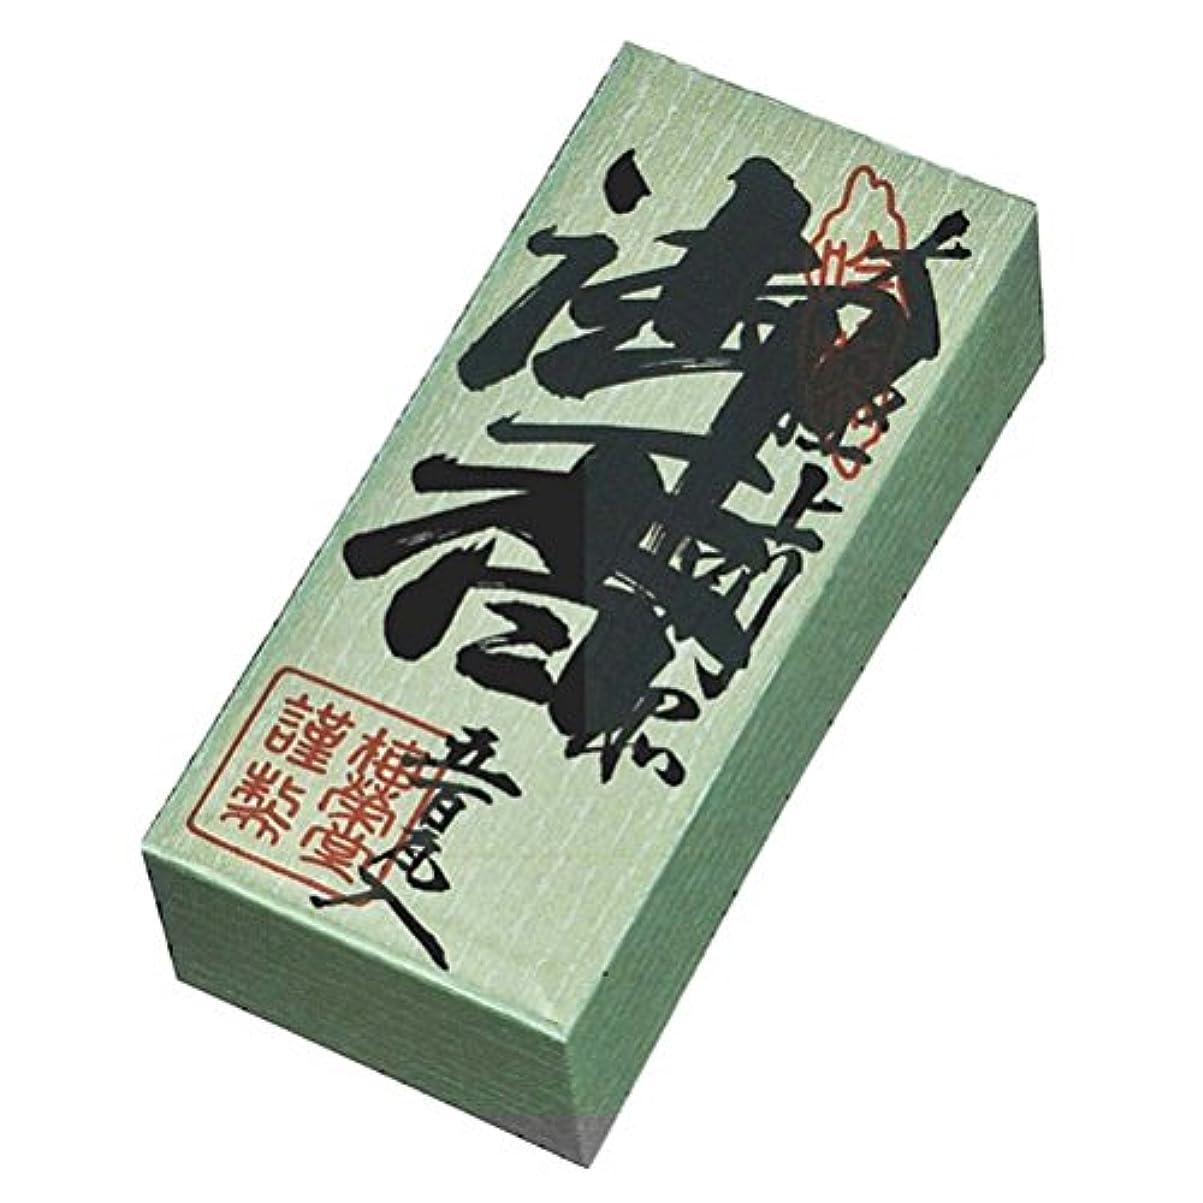 否定するいらいらさせるジュース徳香印 500g 紙箱入り お焼香 梅栄堂